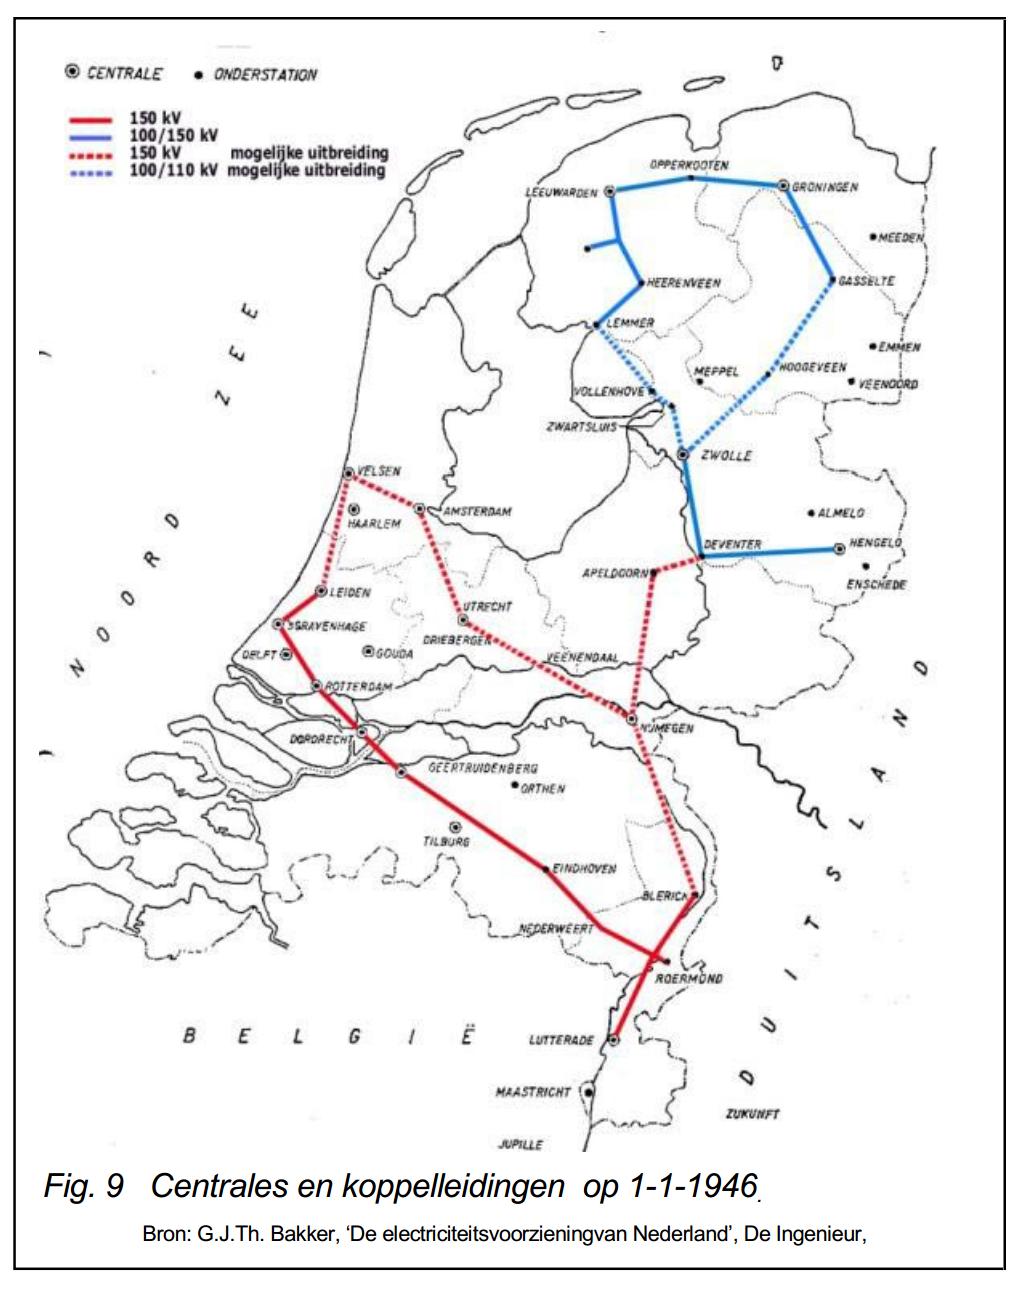 Netkaart van 1946